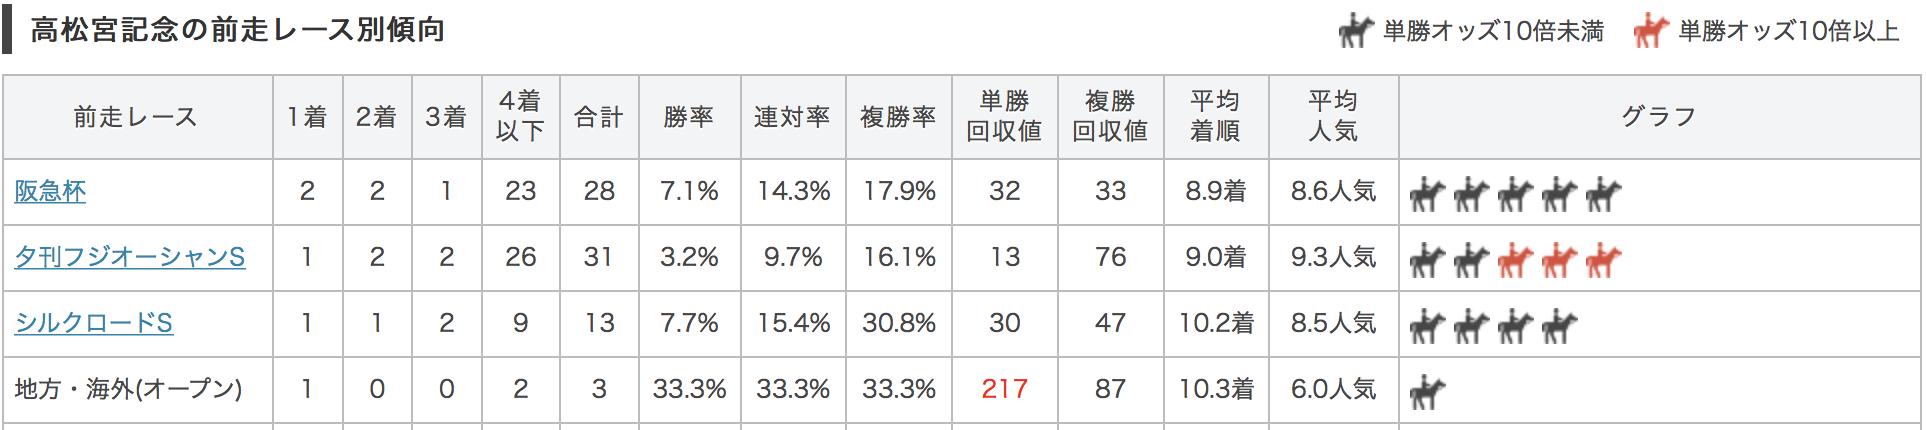 高松宮記念2017前走別データ